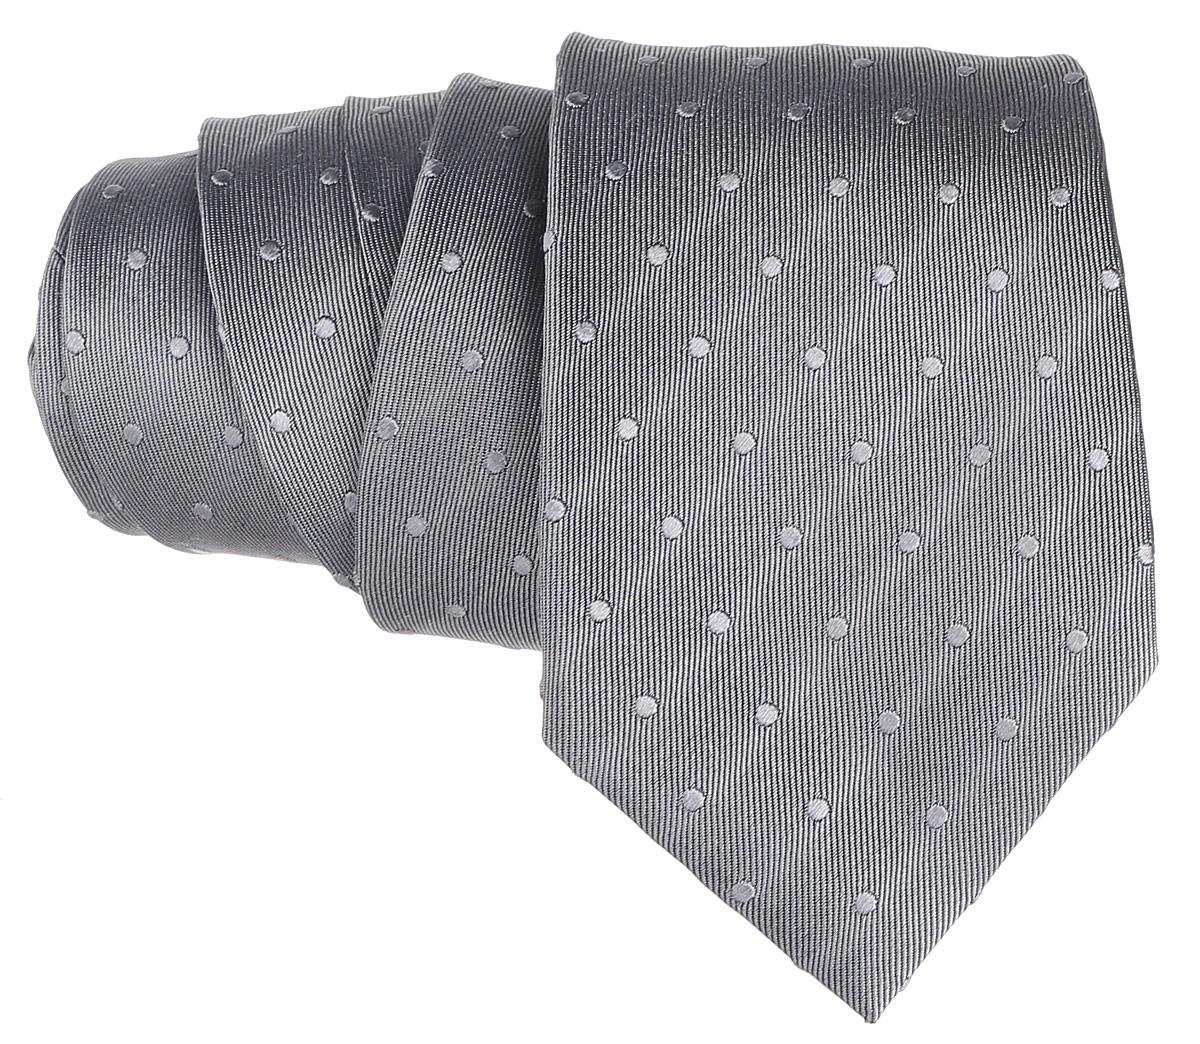 Галстук. 12.01549412.015494Стильный галстук BTC станет отличным завершающим штрихом вашего образа. Этот модный аксессуар порадует вас высоким качеством исполнения и современным дизайном. Изделие полностью выполнено из качественного шелка. Галстук оформлен оригинальным принтом. Такой оригинальный галстук подойдет как к повседневному, так и к официальному наряду, он позволит вам подчеркнуть свою индивидуальность и создать свой неповторимый стиль.